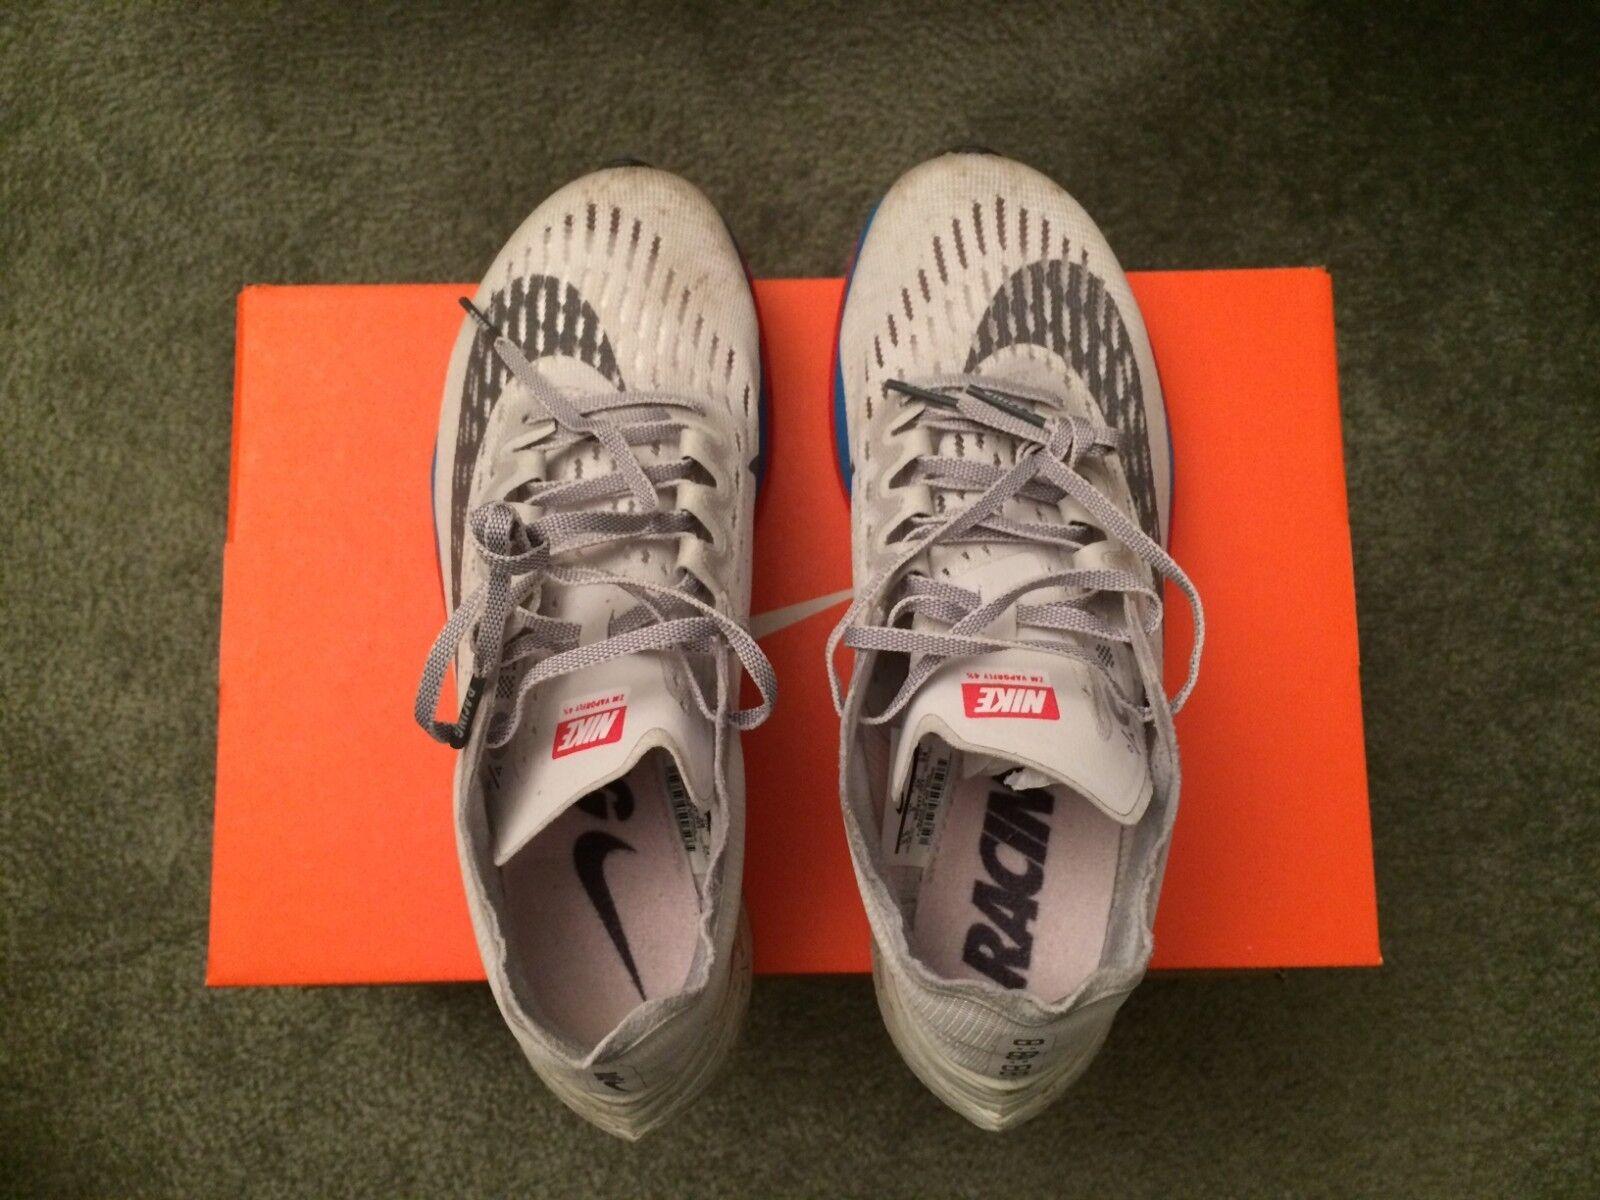 Nike Zoom Vaporfly 4% Grey bluee Unisex shoes Size Men's 5.5 Women's 7 880847-004